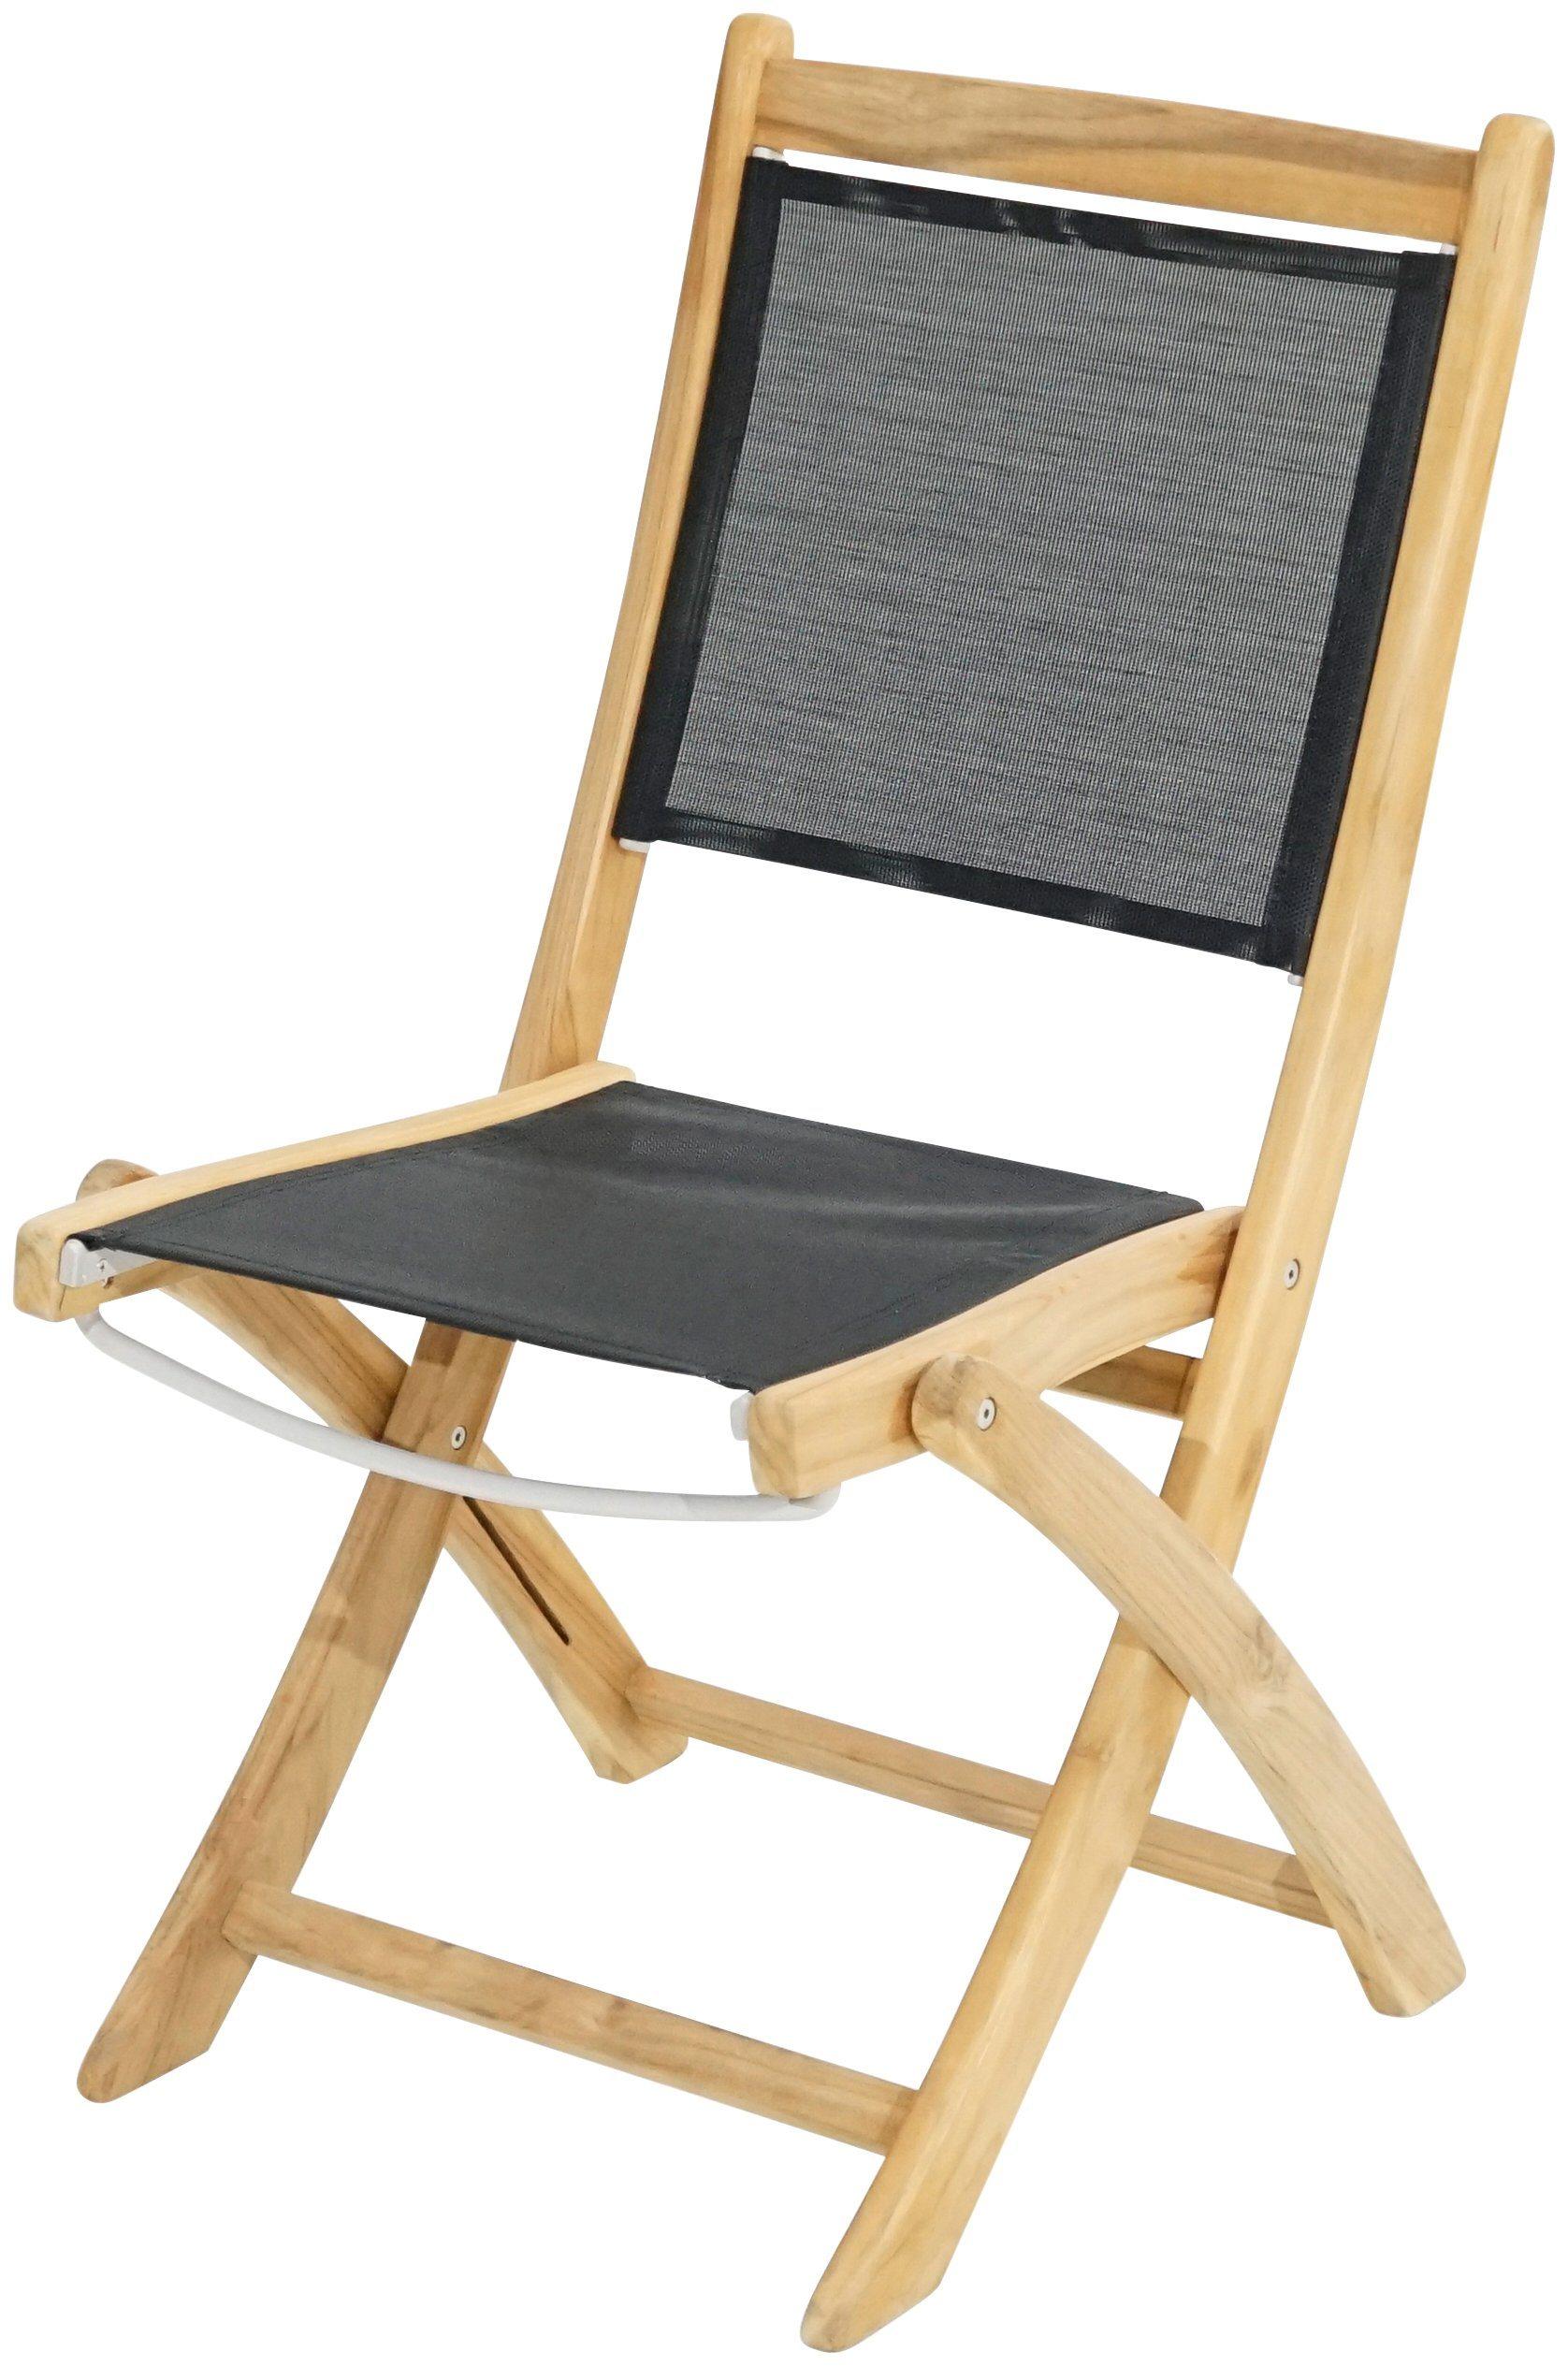 PLOSS Gartenstuhl »Fairchild«, Teak/Textil, Klappbar